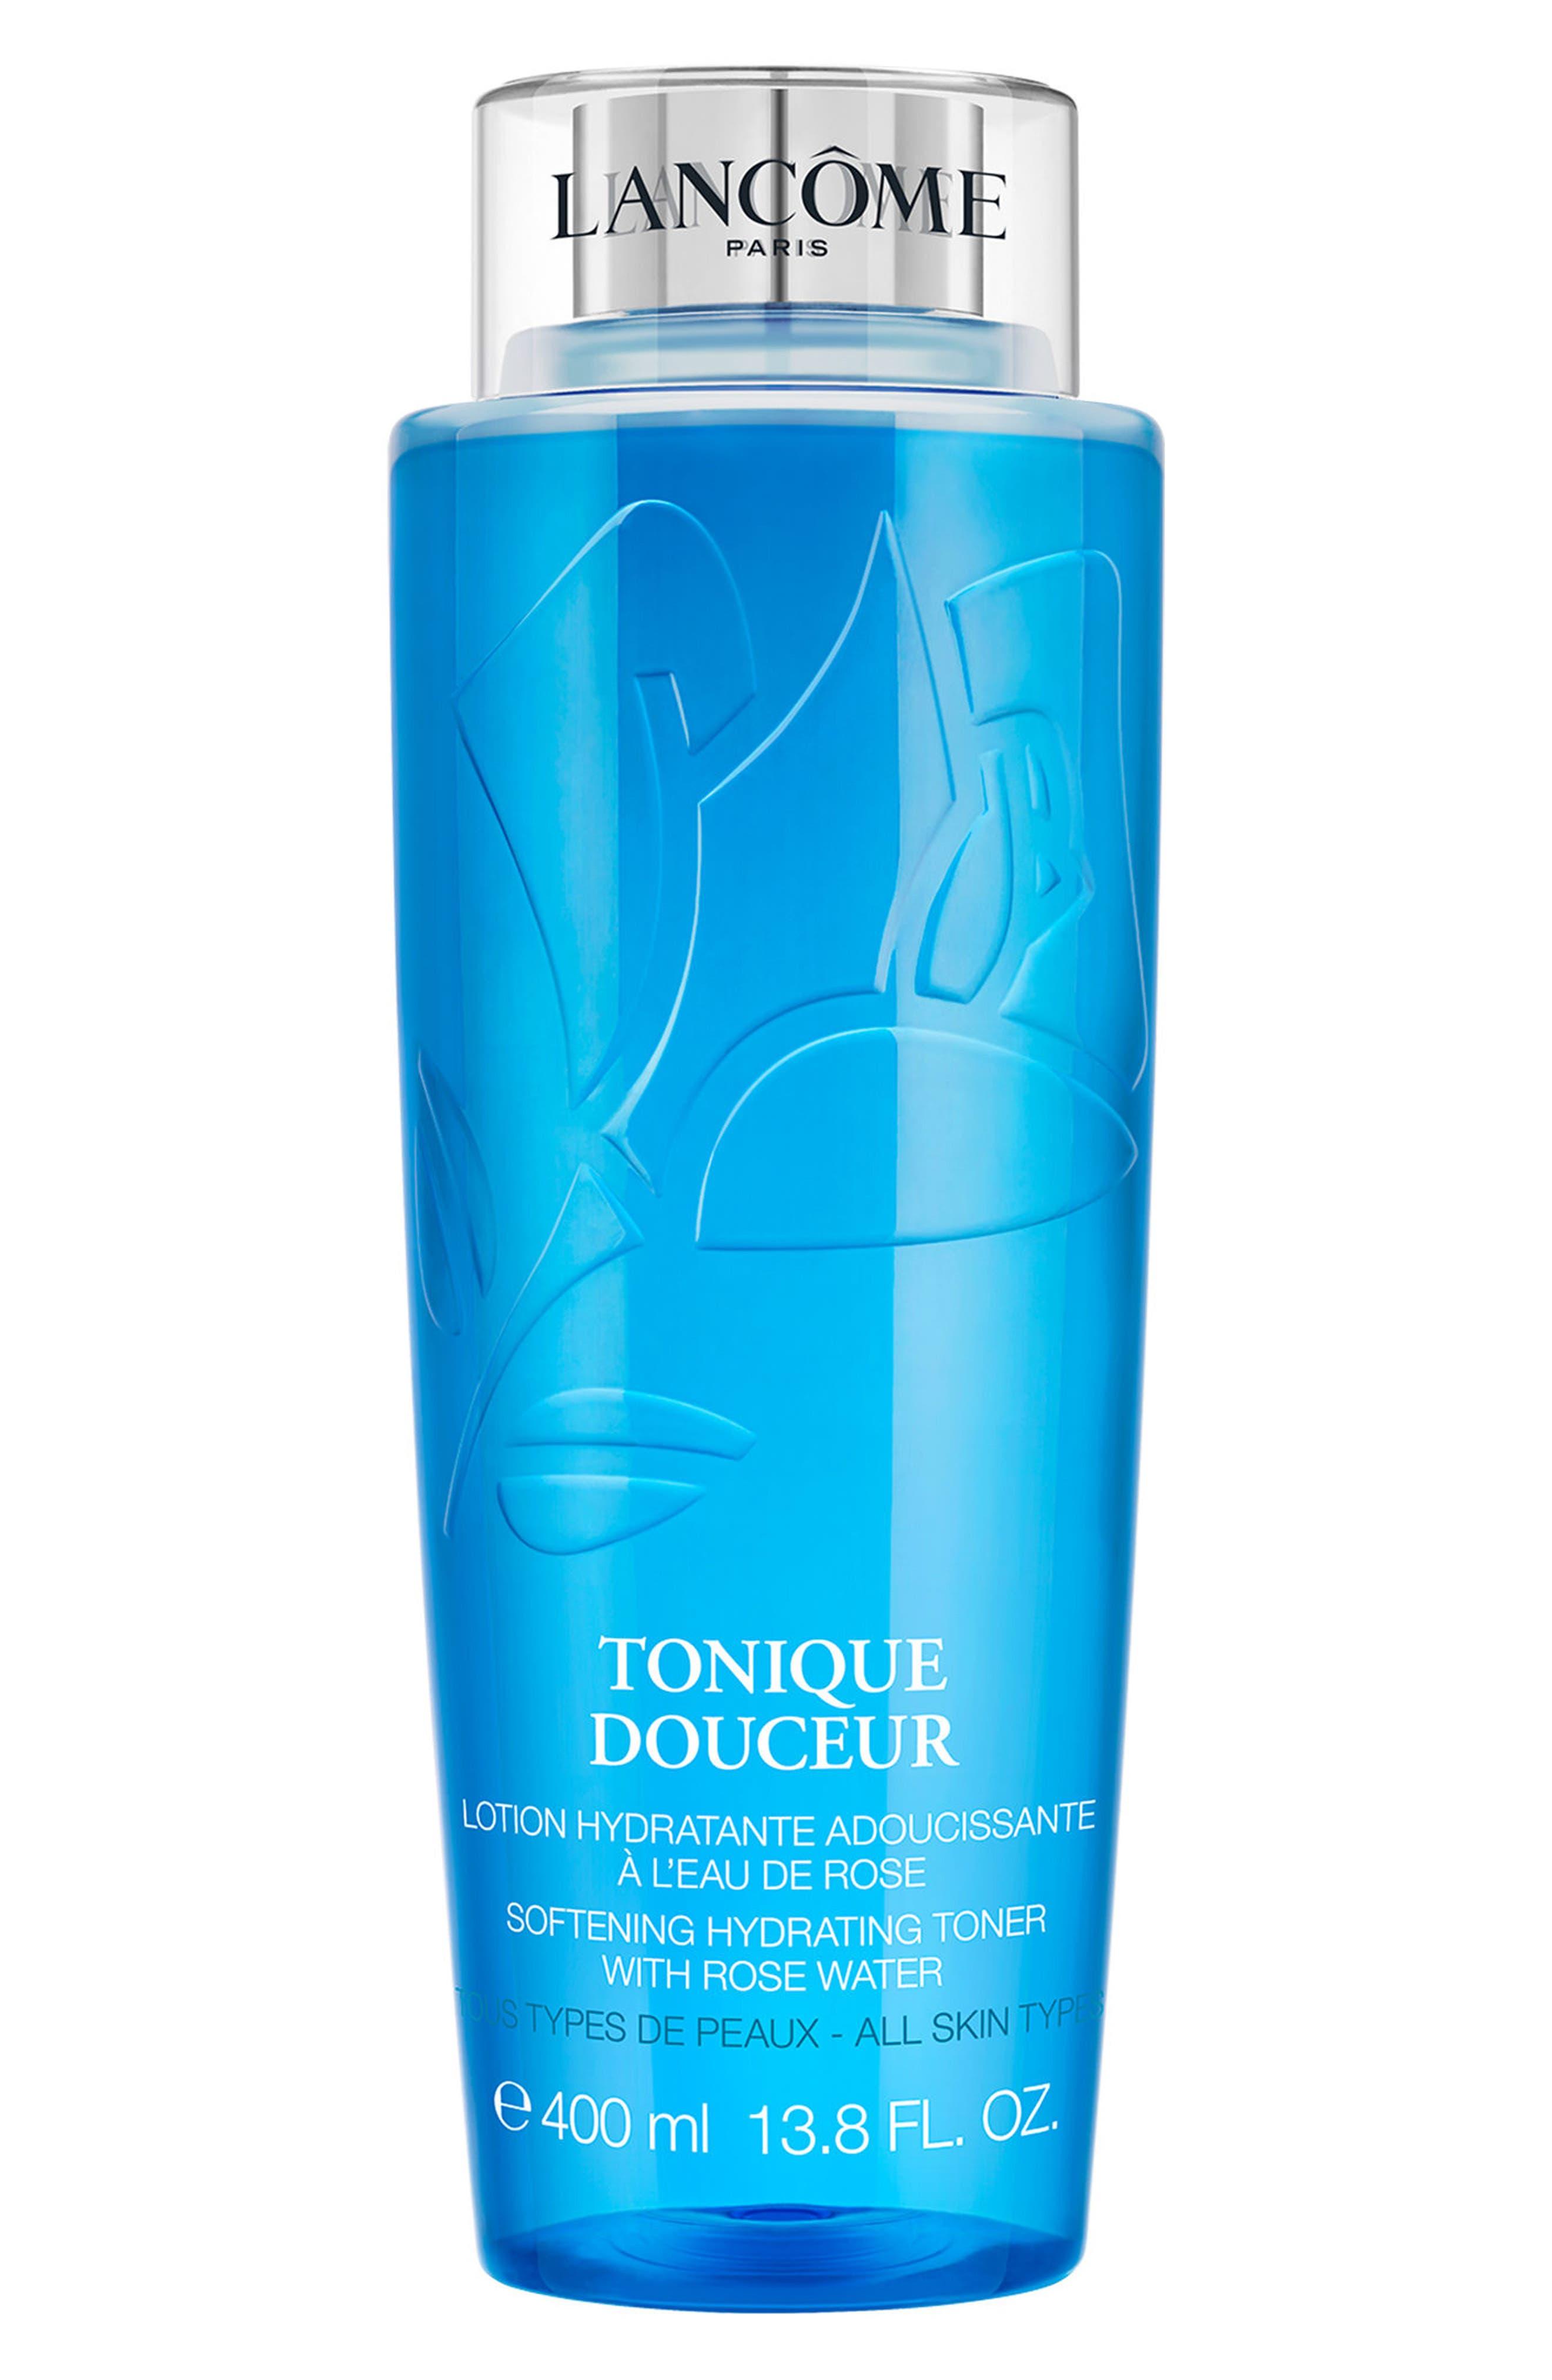 Lancôme Tonique Douceur Alcohol-Free Freshener (13.5 oz.) ($49 Value)